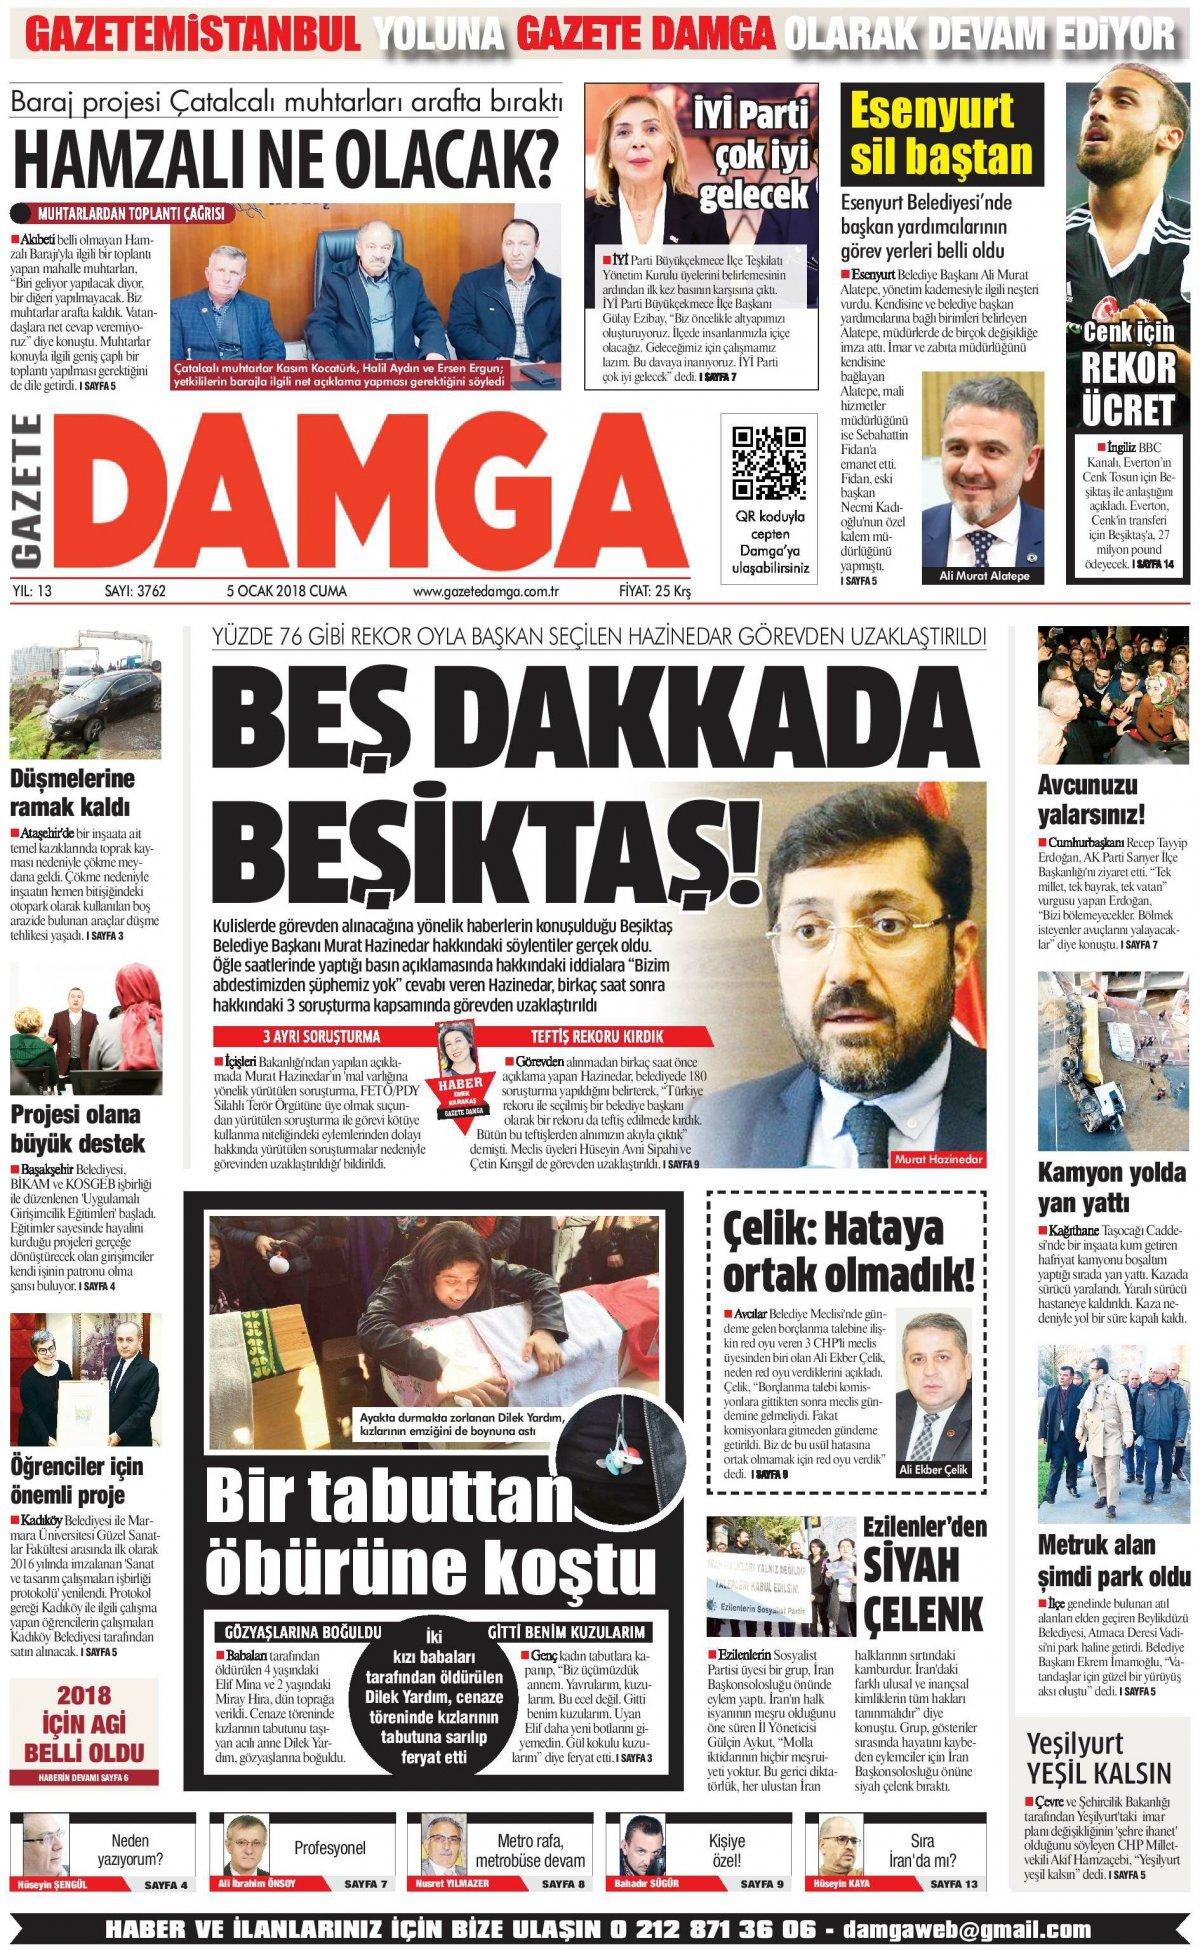 Gazete Damga - 05.01.2018 Manşeti